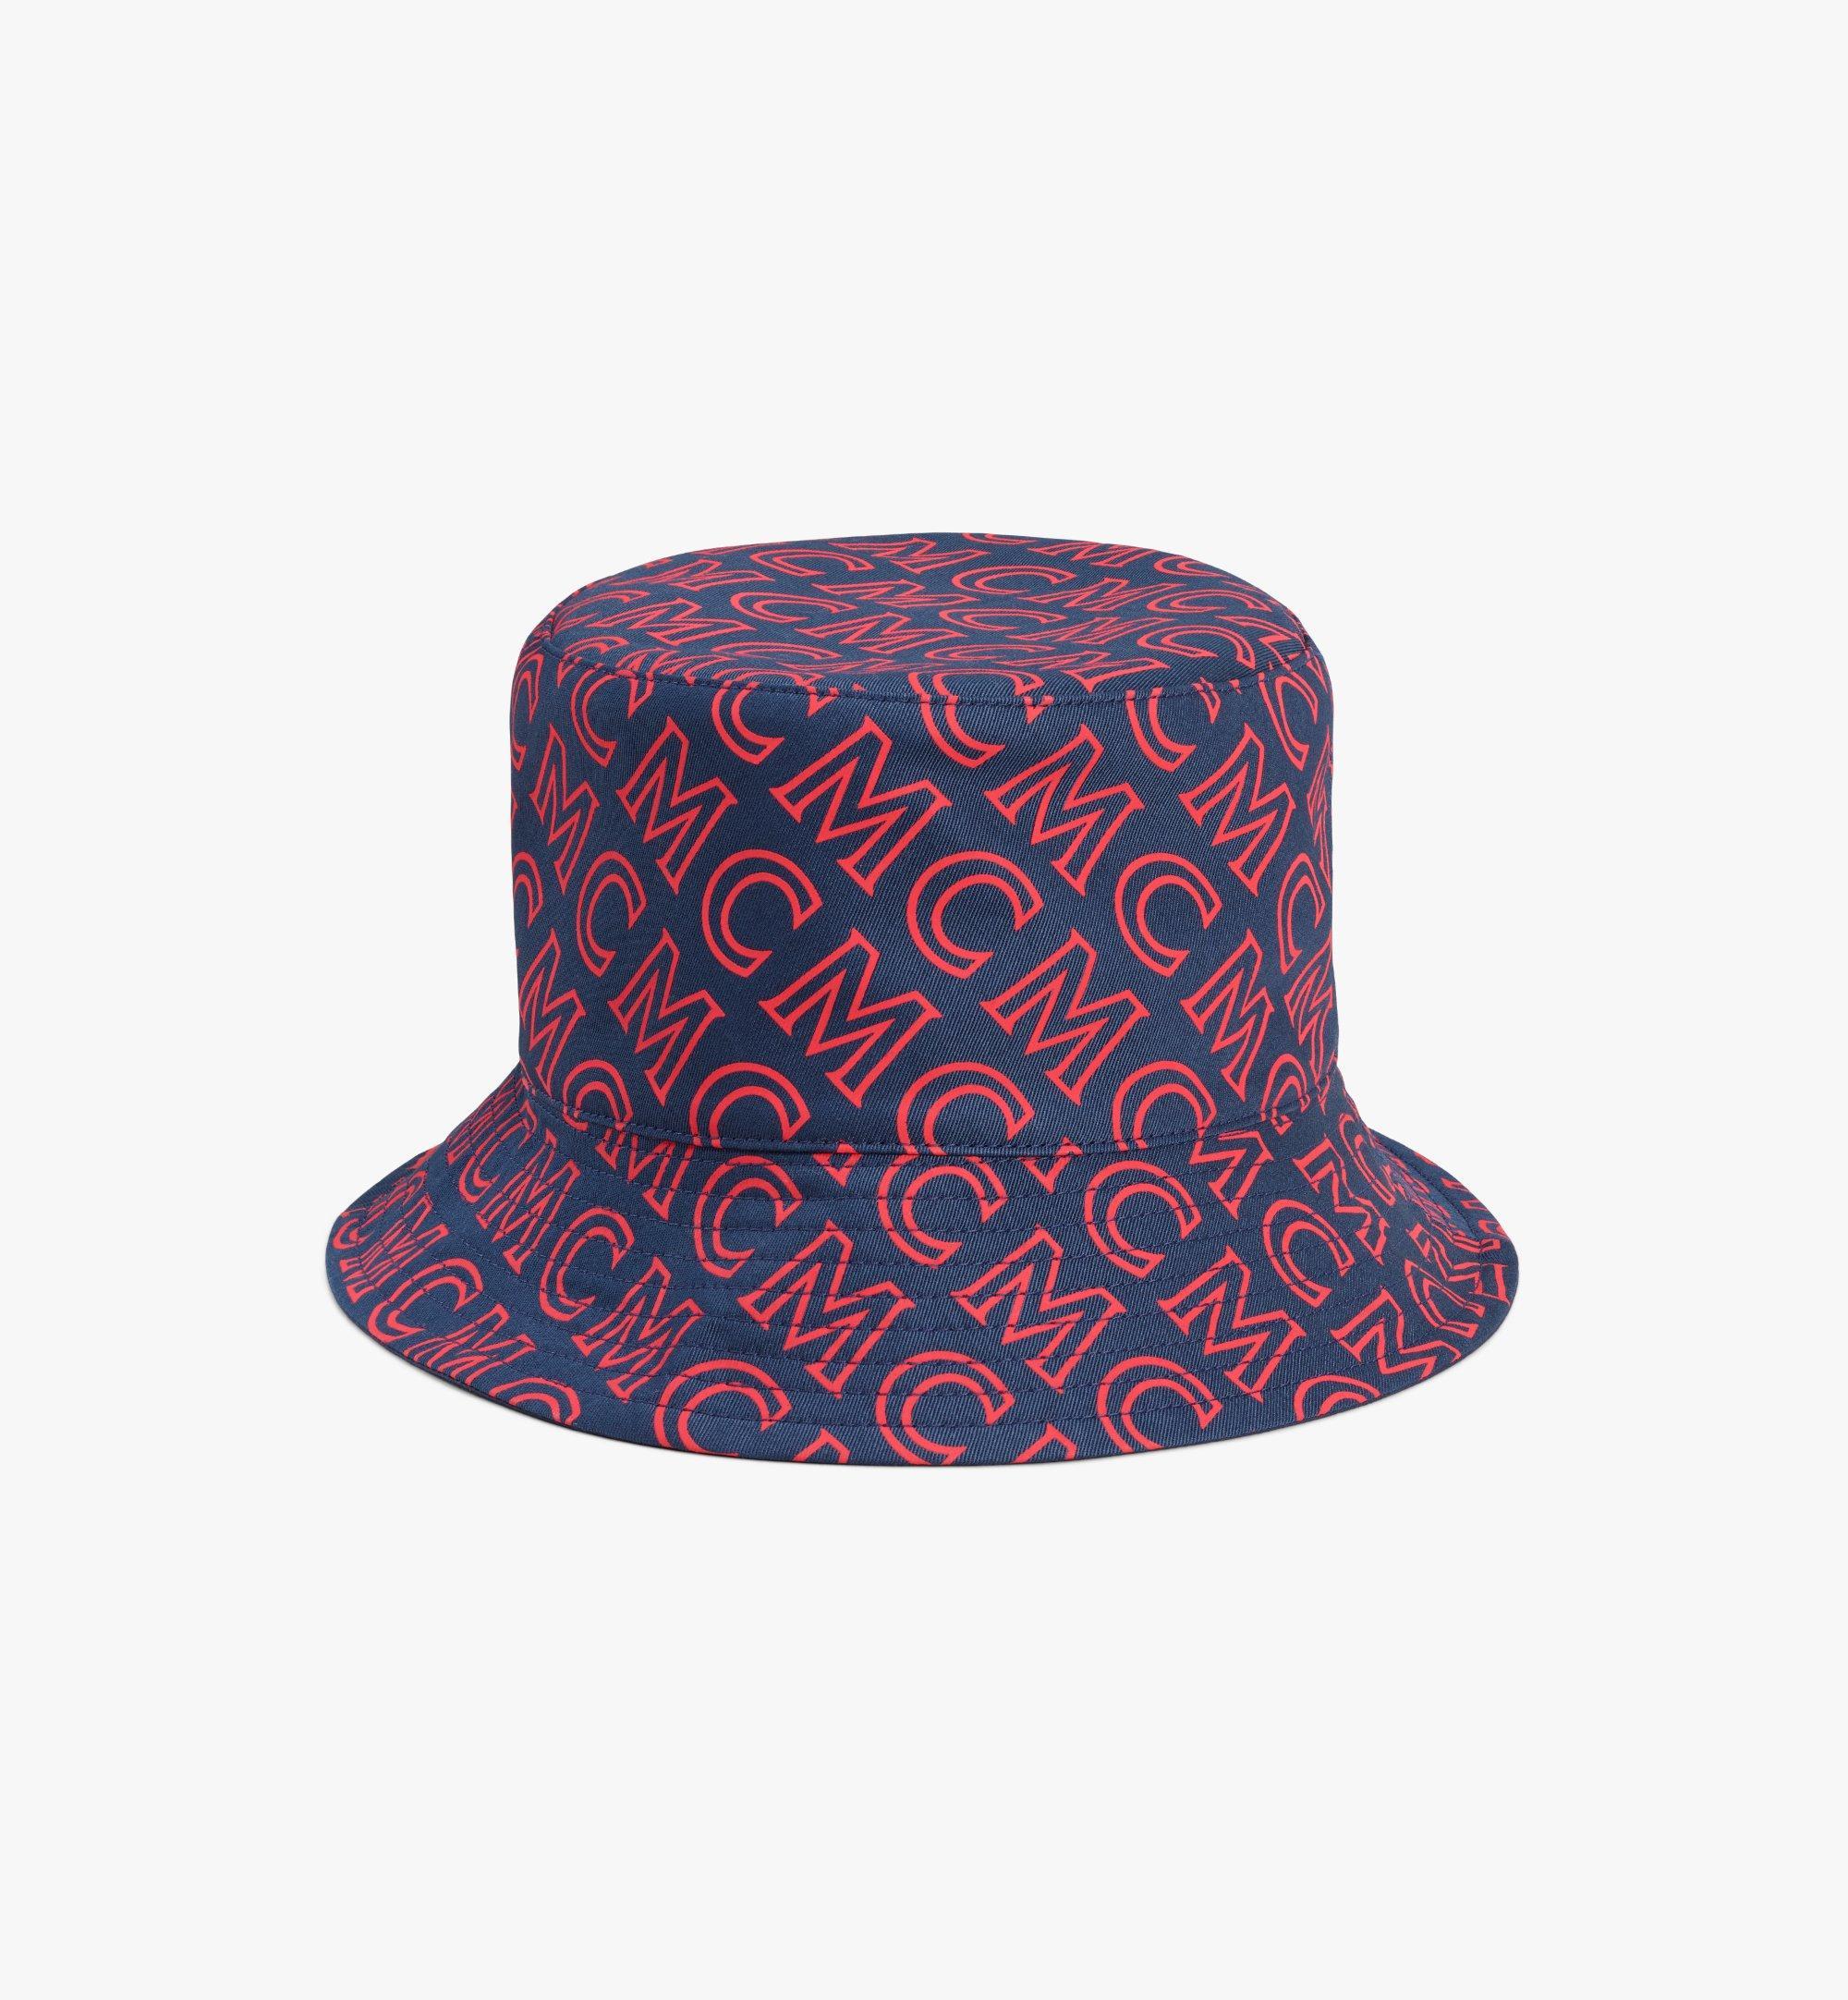 MCM Reversible Monogram Bucket Hat Pink MEHAAMM03VV001 Alternate View 1